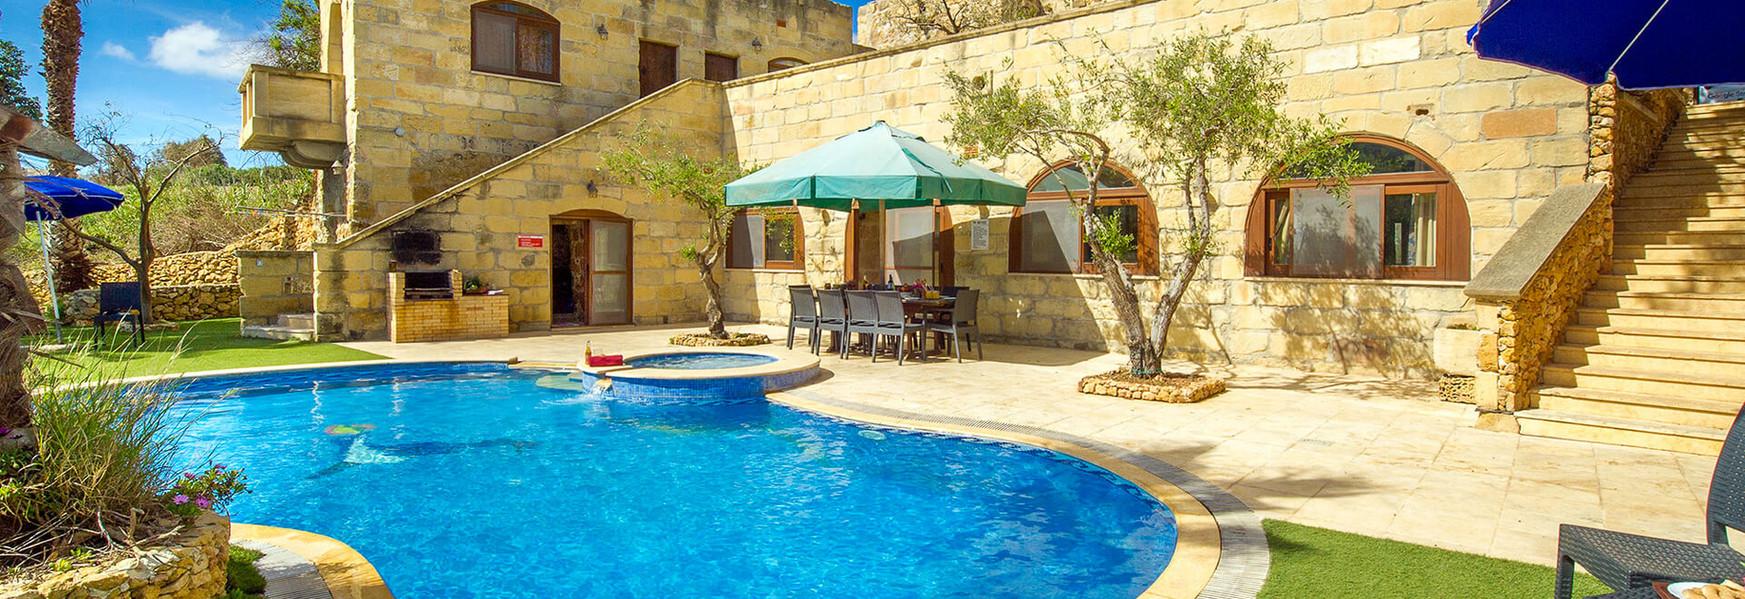 House by pool.jpg